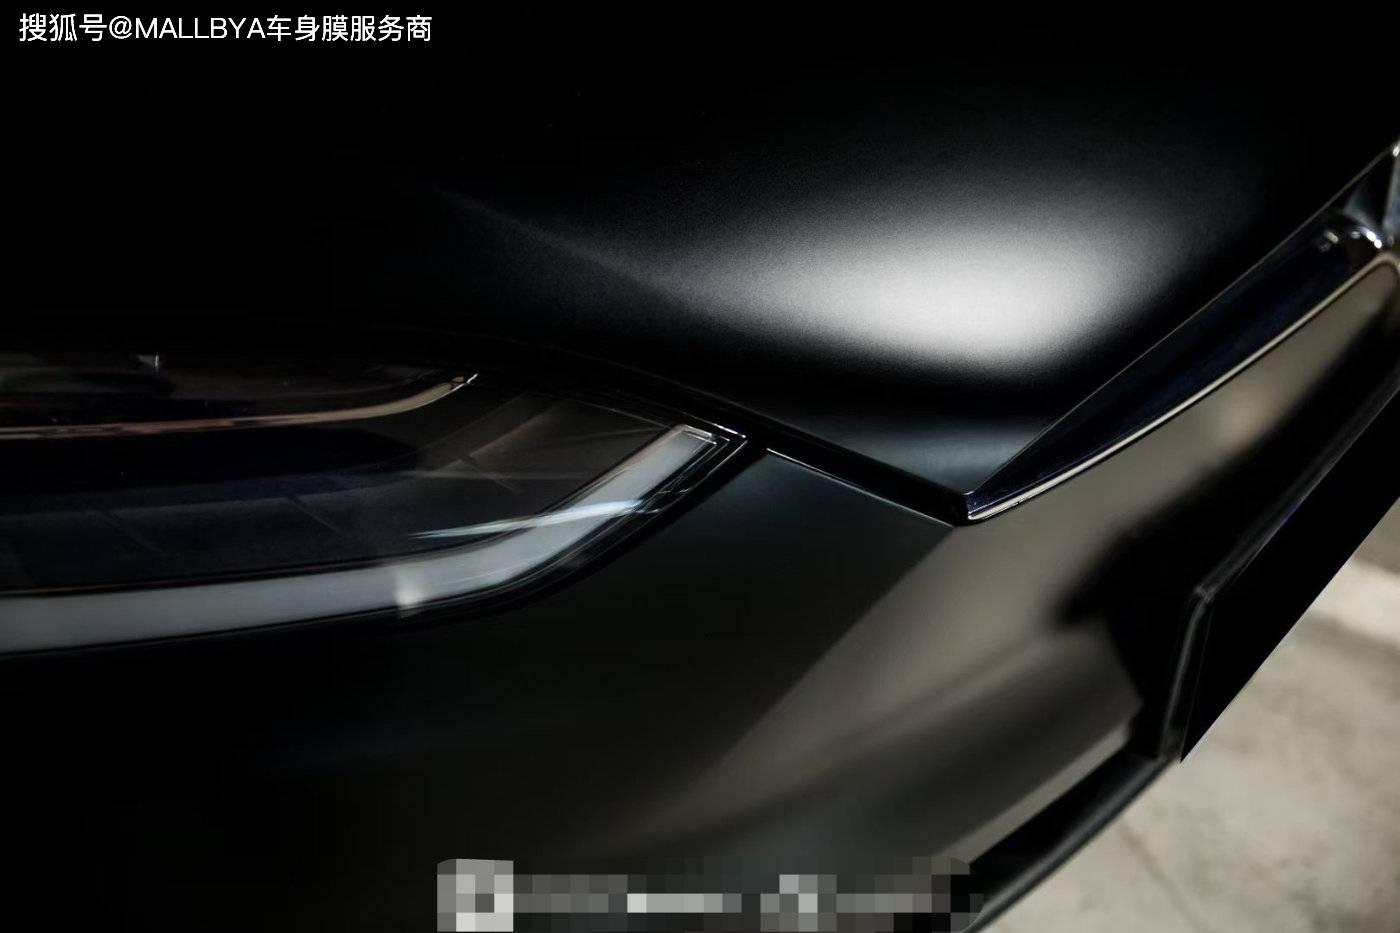 特斯拉Model X全车换色磨砂黑 科幻又复古的奢华